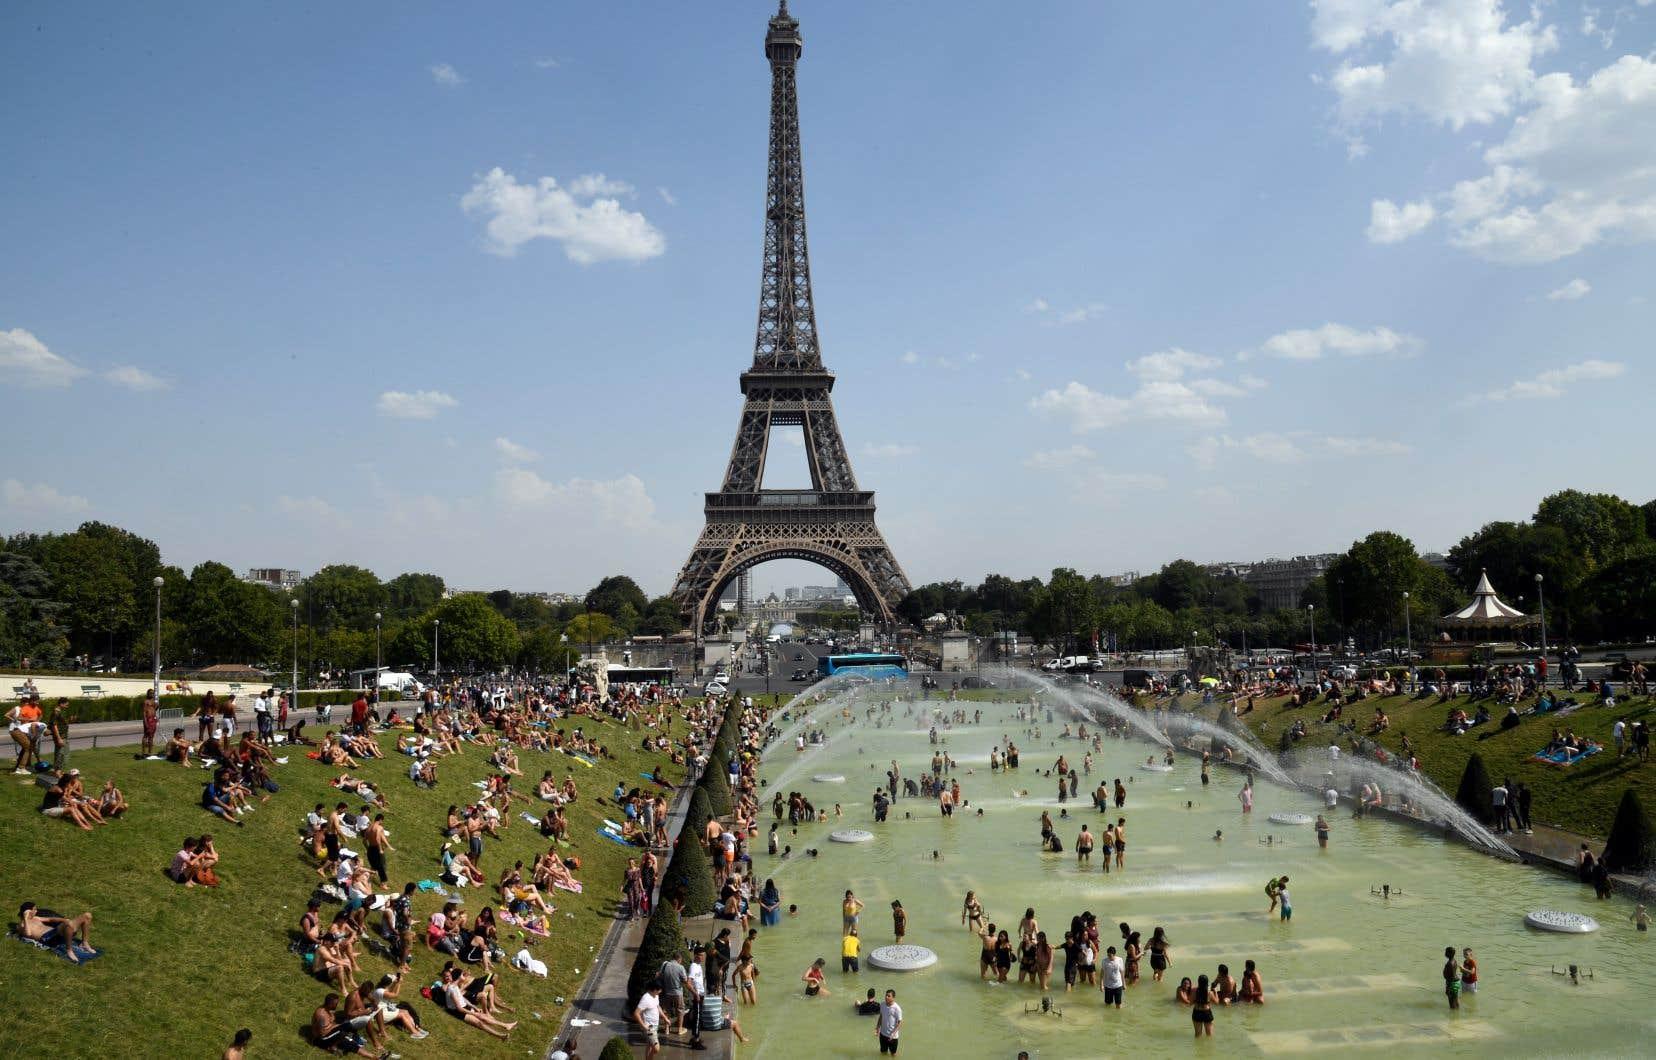 Les Parisiens ont pris d'assaut les fontaines du Trocadéro, près de la Tour Eiffel, pour tenter de se rafraîchir, jeudi.